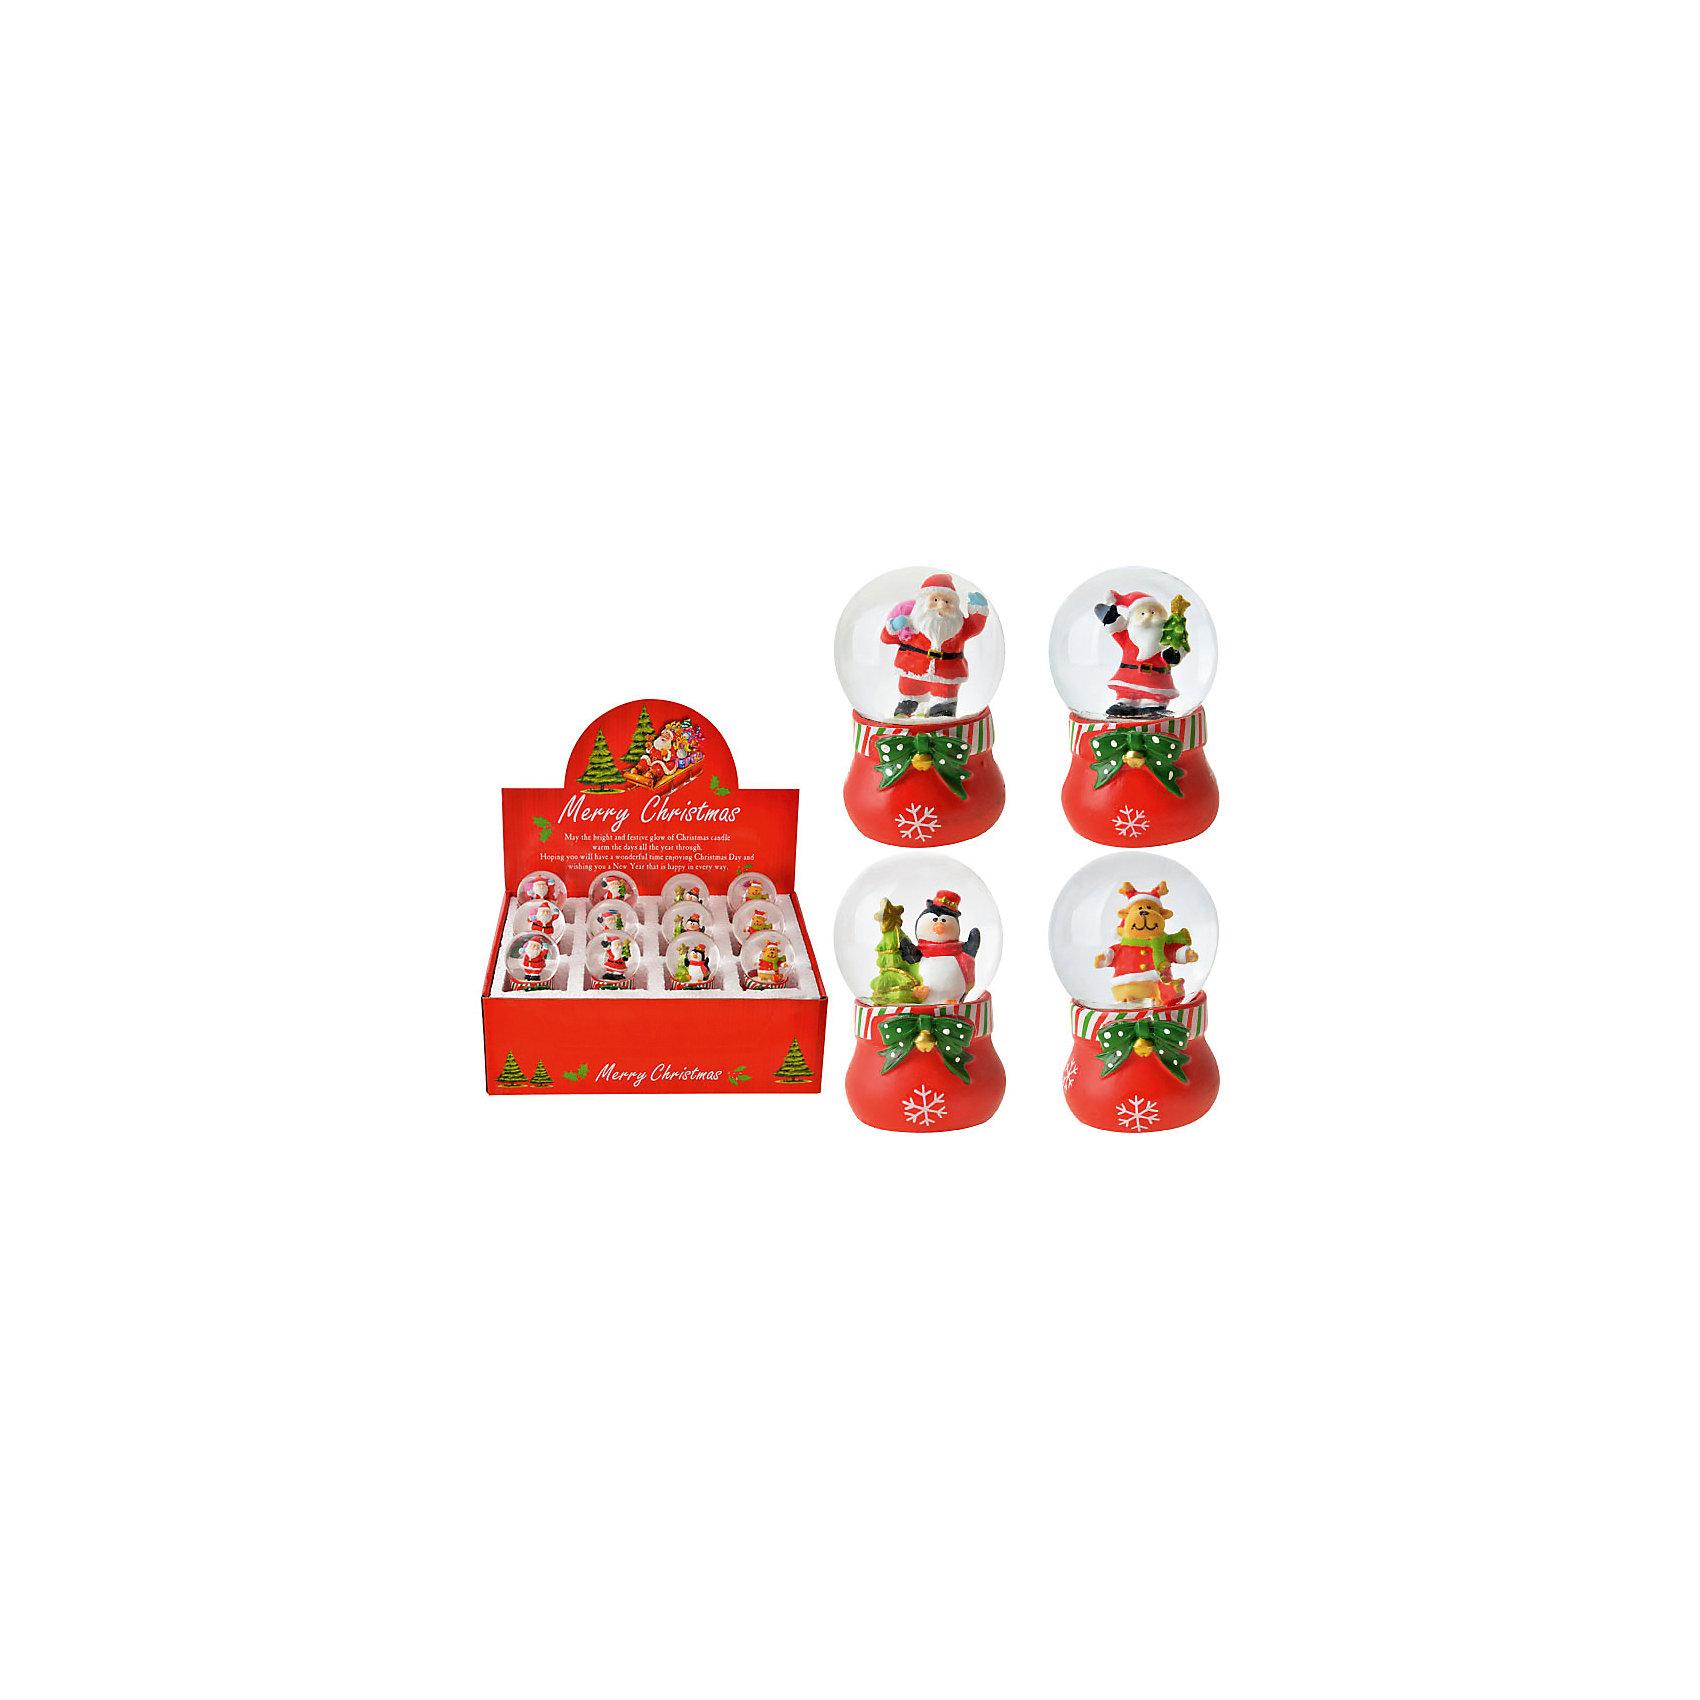 Снежный водяной шар С Новым годом!, в ассортиментеОчаровательный шарик станет прекрасным праздничным сувениром. Стоит только потрясти его - и случится новогоднее чудо: внутри маленького шарика пойдет настоящий снег, снежинки будут кружиться в танце, завораживая и создавая атмосферу праздника. <br><br>Дополнительная информация:<br><br>- Материал: пластик.<br>- Размер: 7х5х5х см.<br>- 12 штук в ассортименте.<br>ВНИМАНИЕ! Данный артикул представлен в разных вариантах исполнения. К сожалению, заранее выбрать определенный вариант невозможно. При заказе нескольких шаров возможно получение одинаковых.<br><br>Снежный водяной шар С Новым годом! в ассортименте, можно купить в нашем магазине.<br><br>Ширина мм: 70<br>Глубина мм: 50<br>Высота мм: 50<br>Вес г: 250<br>Возраст от месяцев: 36<br>Возраст до месяцев: 2147483647<br>Пол: Унисекс<br>Возраст: Детский<br>SKU: 4293036